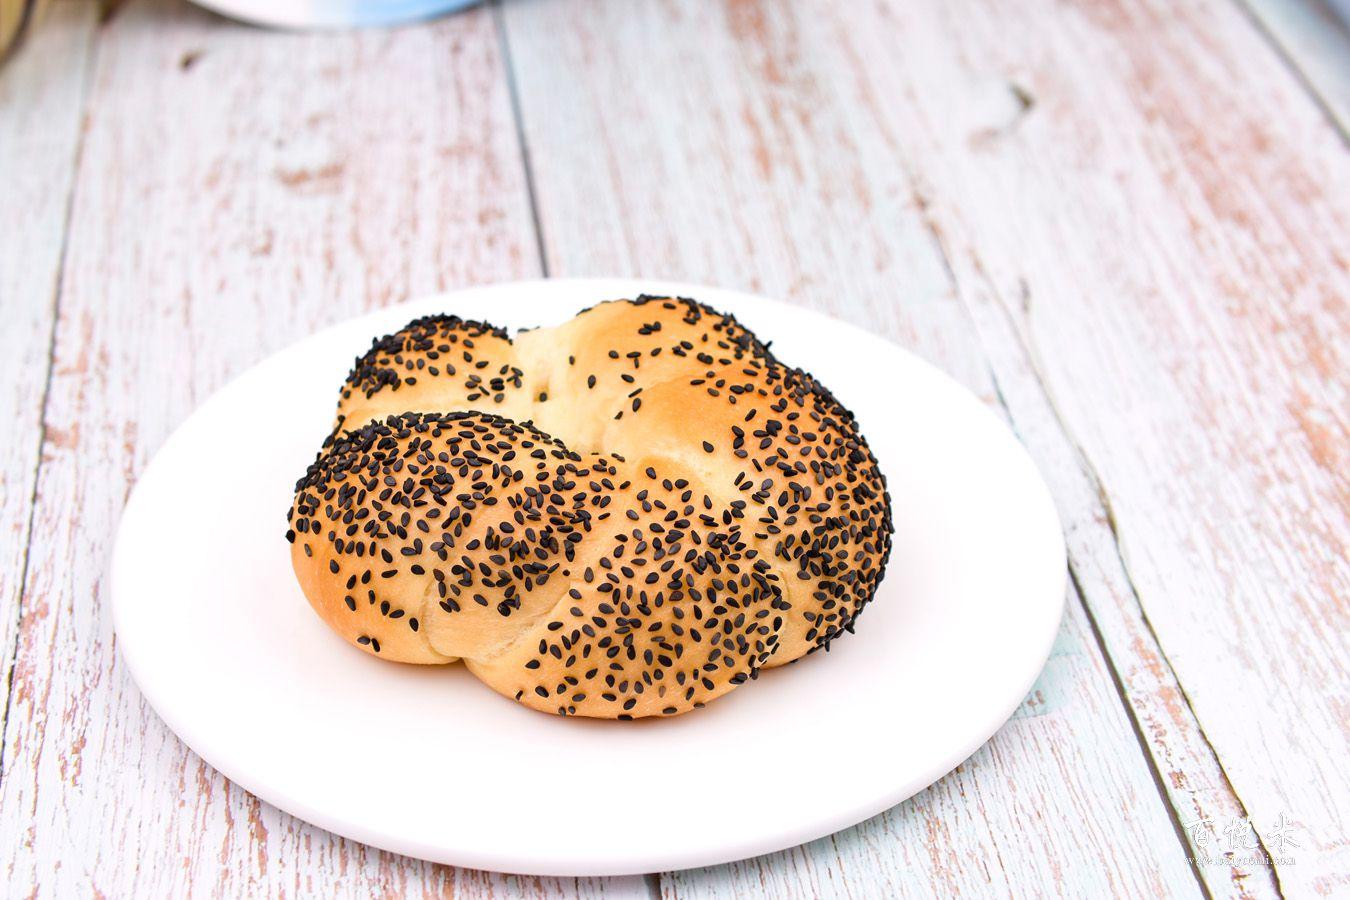 小芝麻面包的做法大全,小芝麻面包西点培训图文教程分享